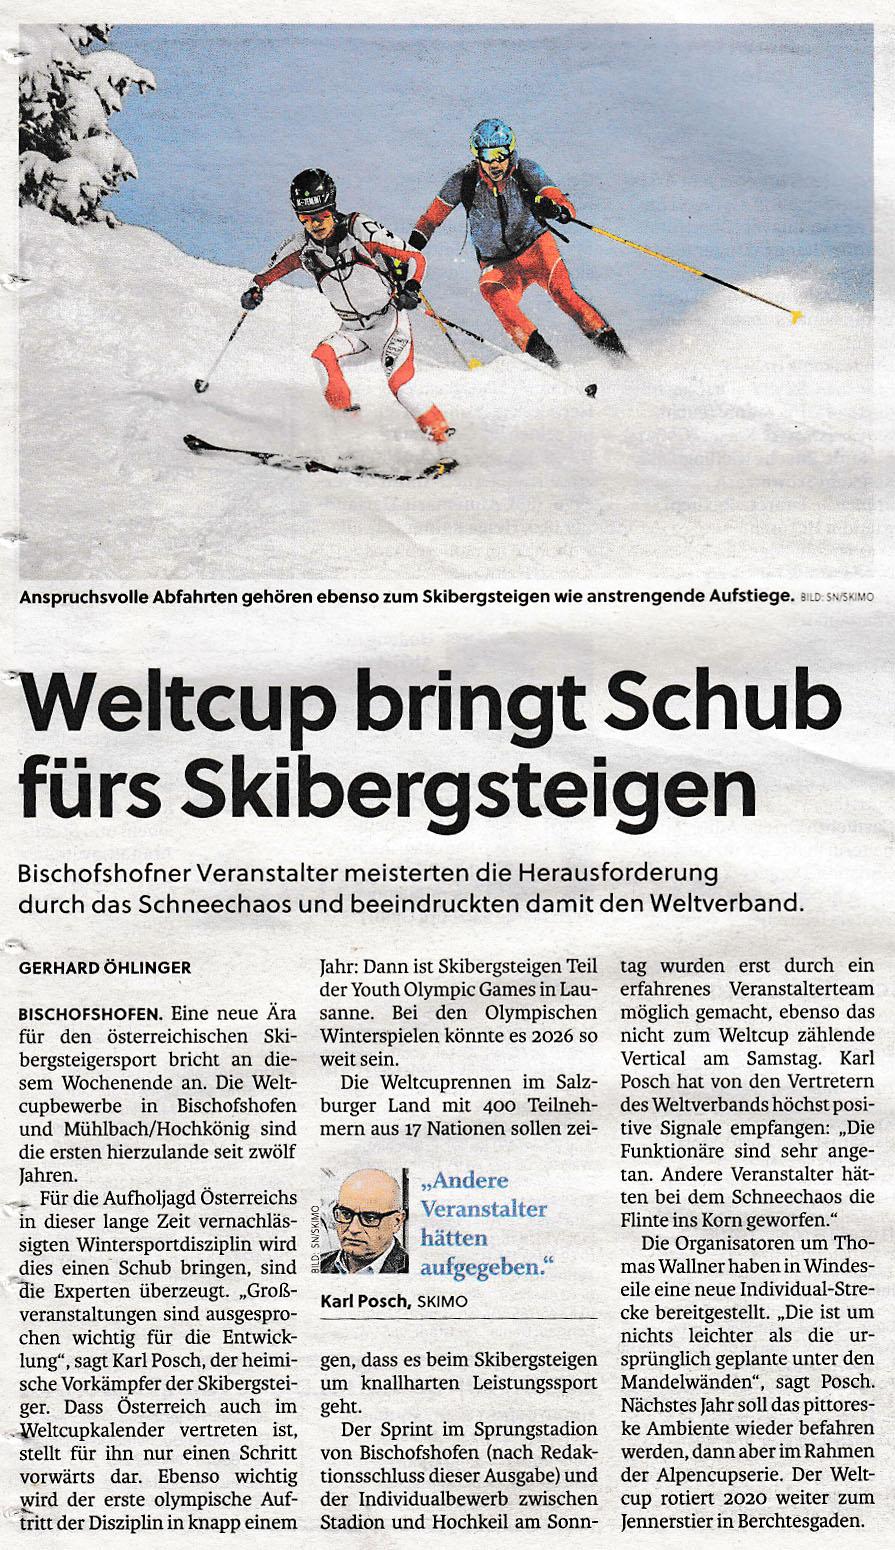 Salzburger Nachrichten 19.1.2019 2